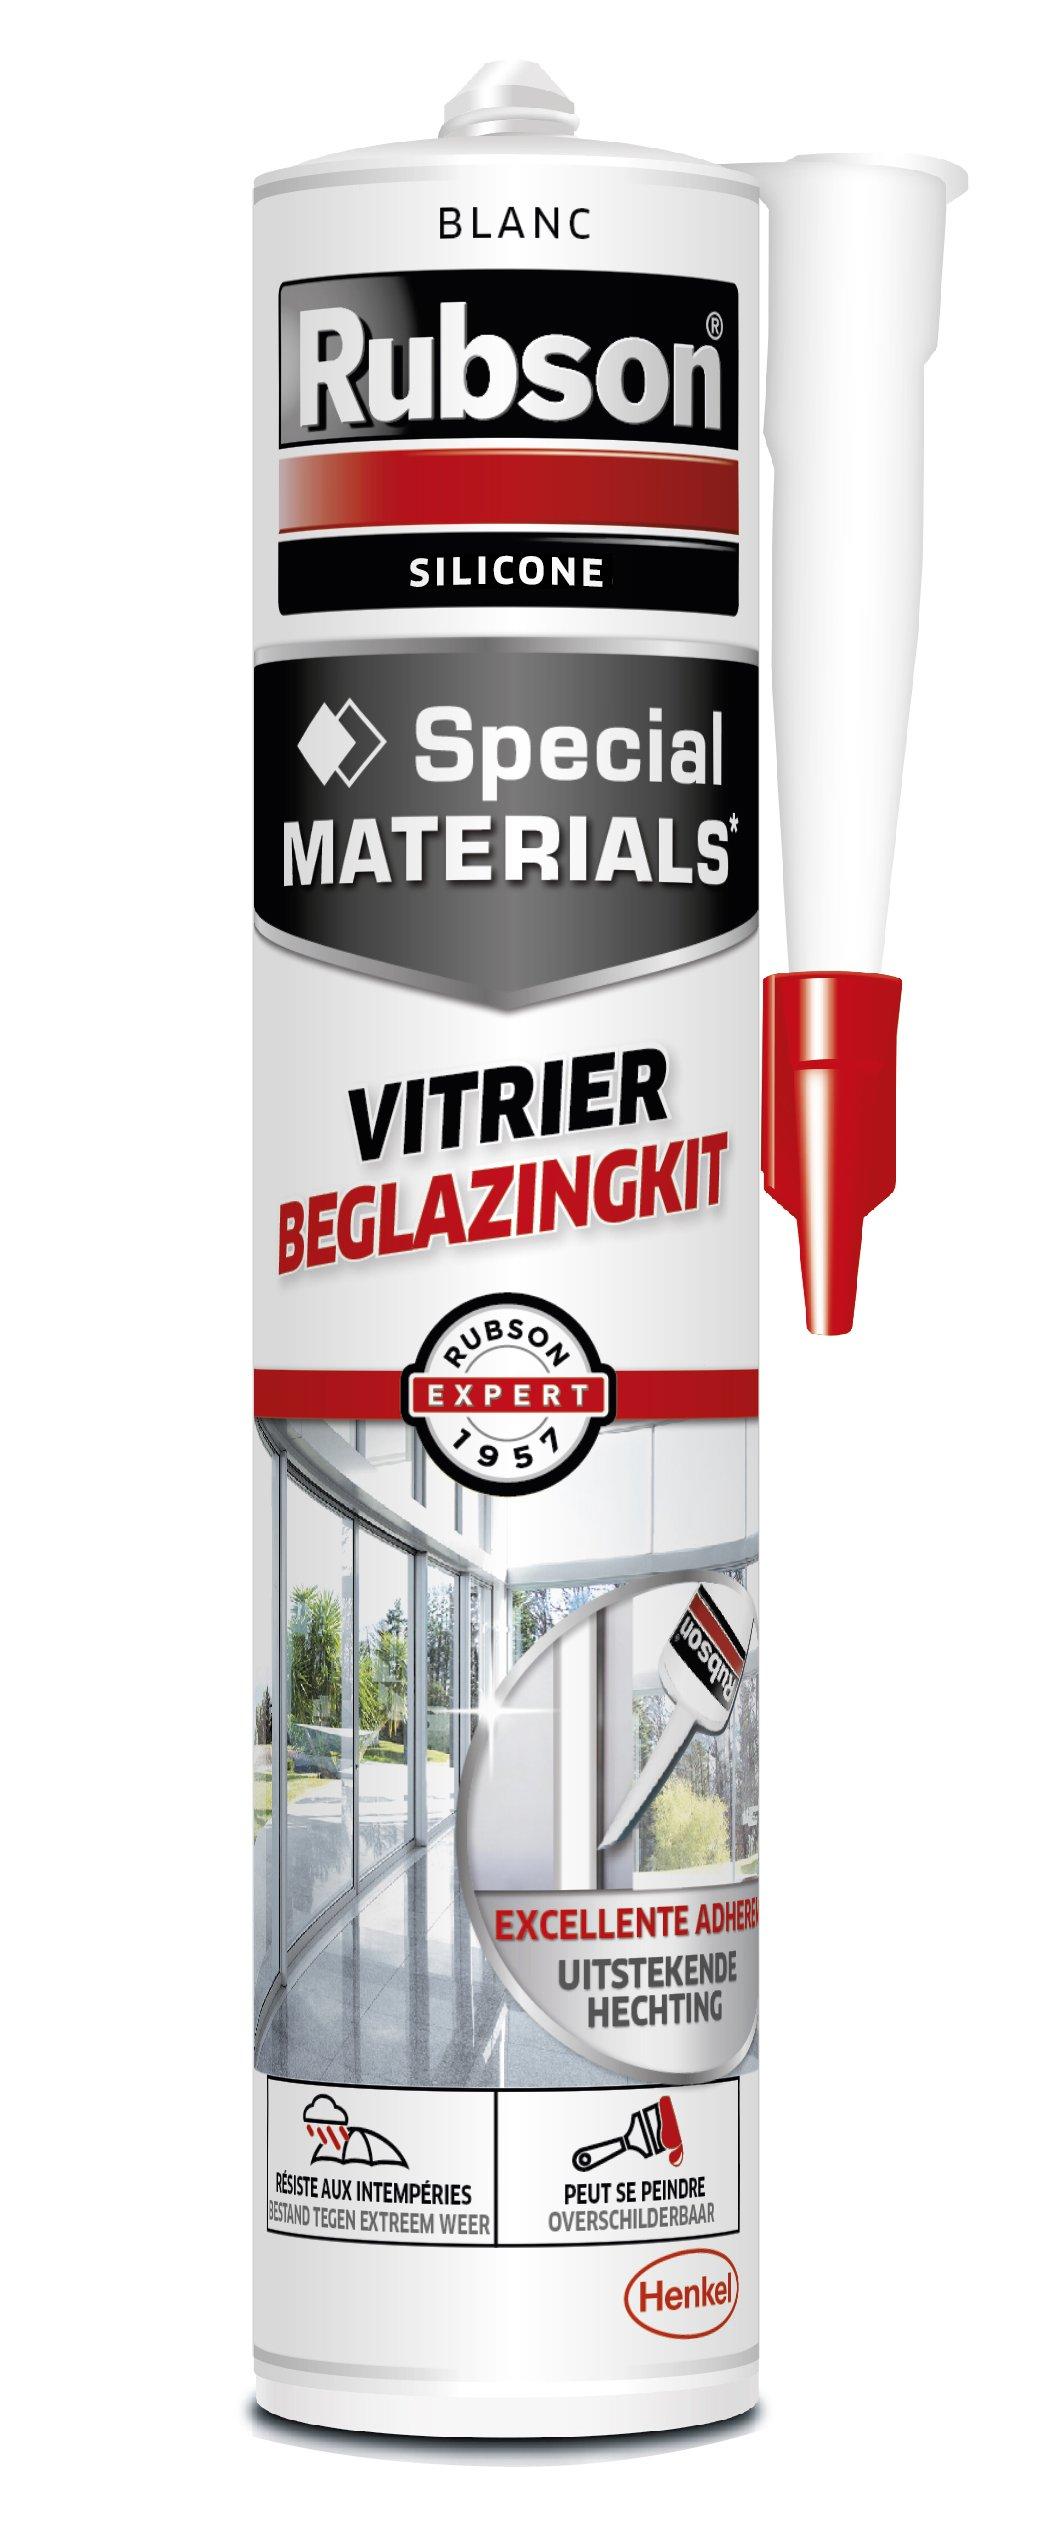 Rubson - Masilla para juntas de cristales (280 ml), color blanco: Amazon.es: Bricolaje y herramientas